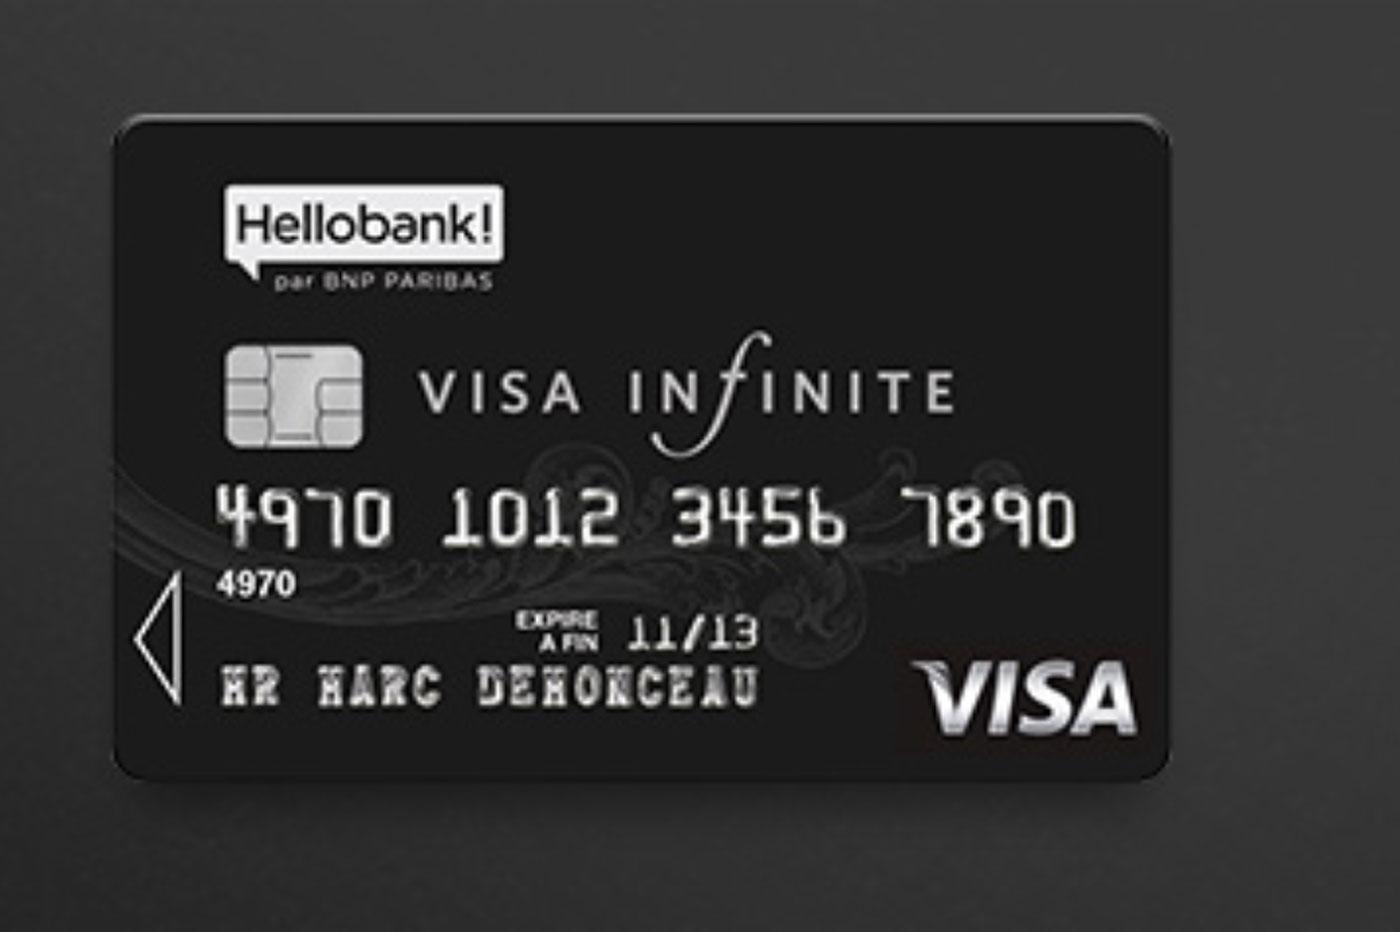 Carte Visa Infinite : comment en avoir une ?